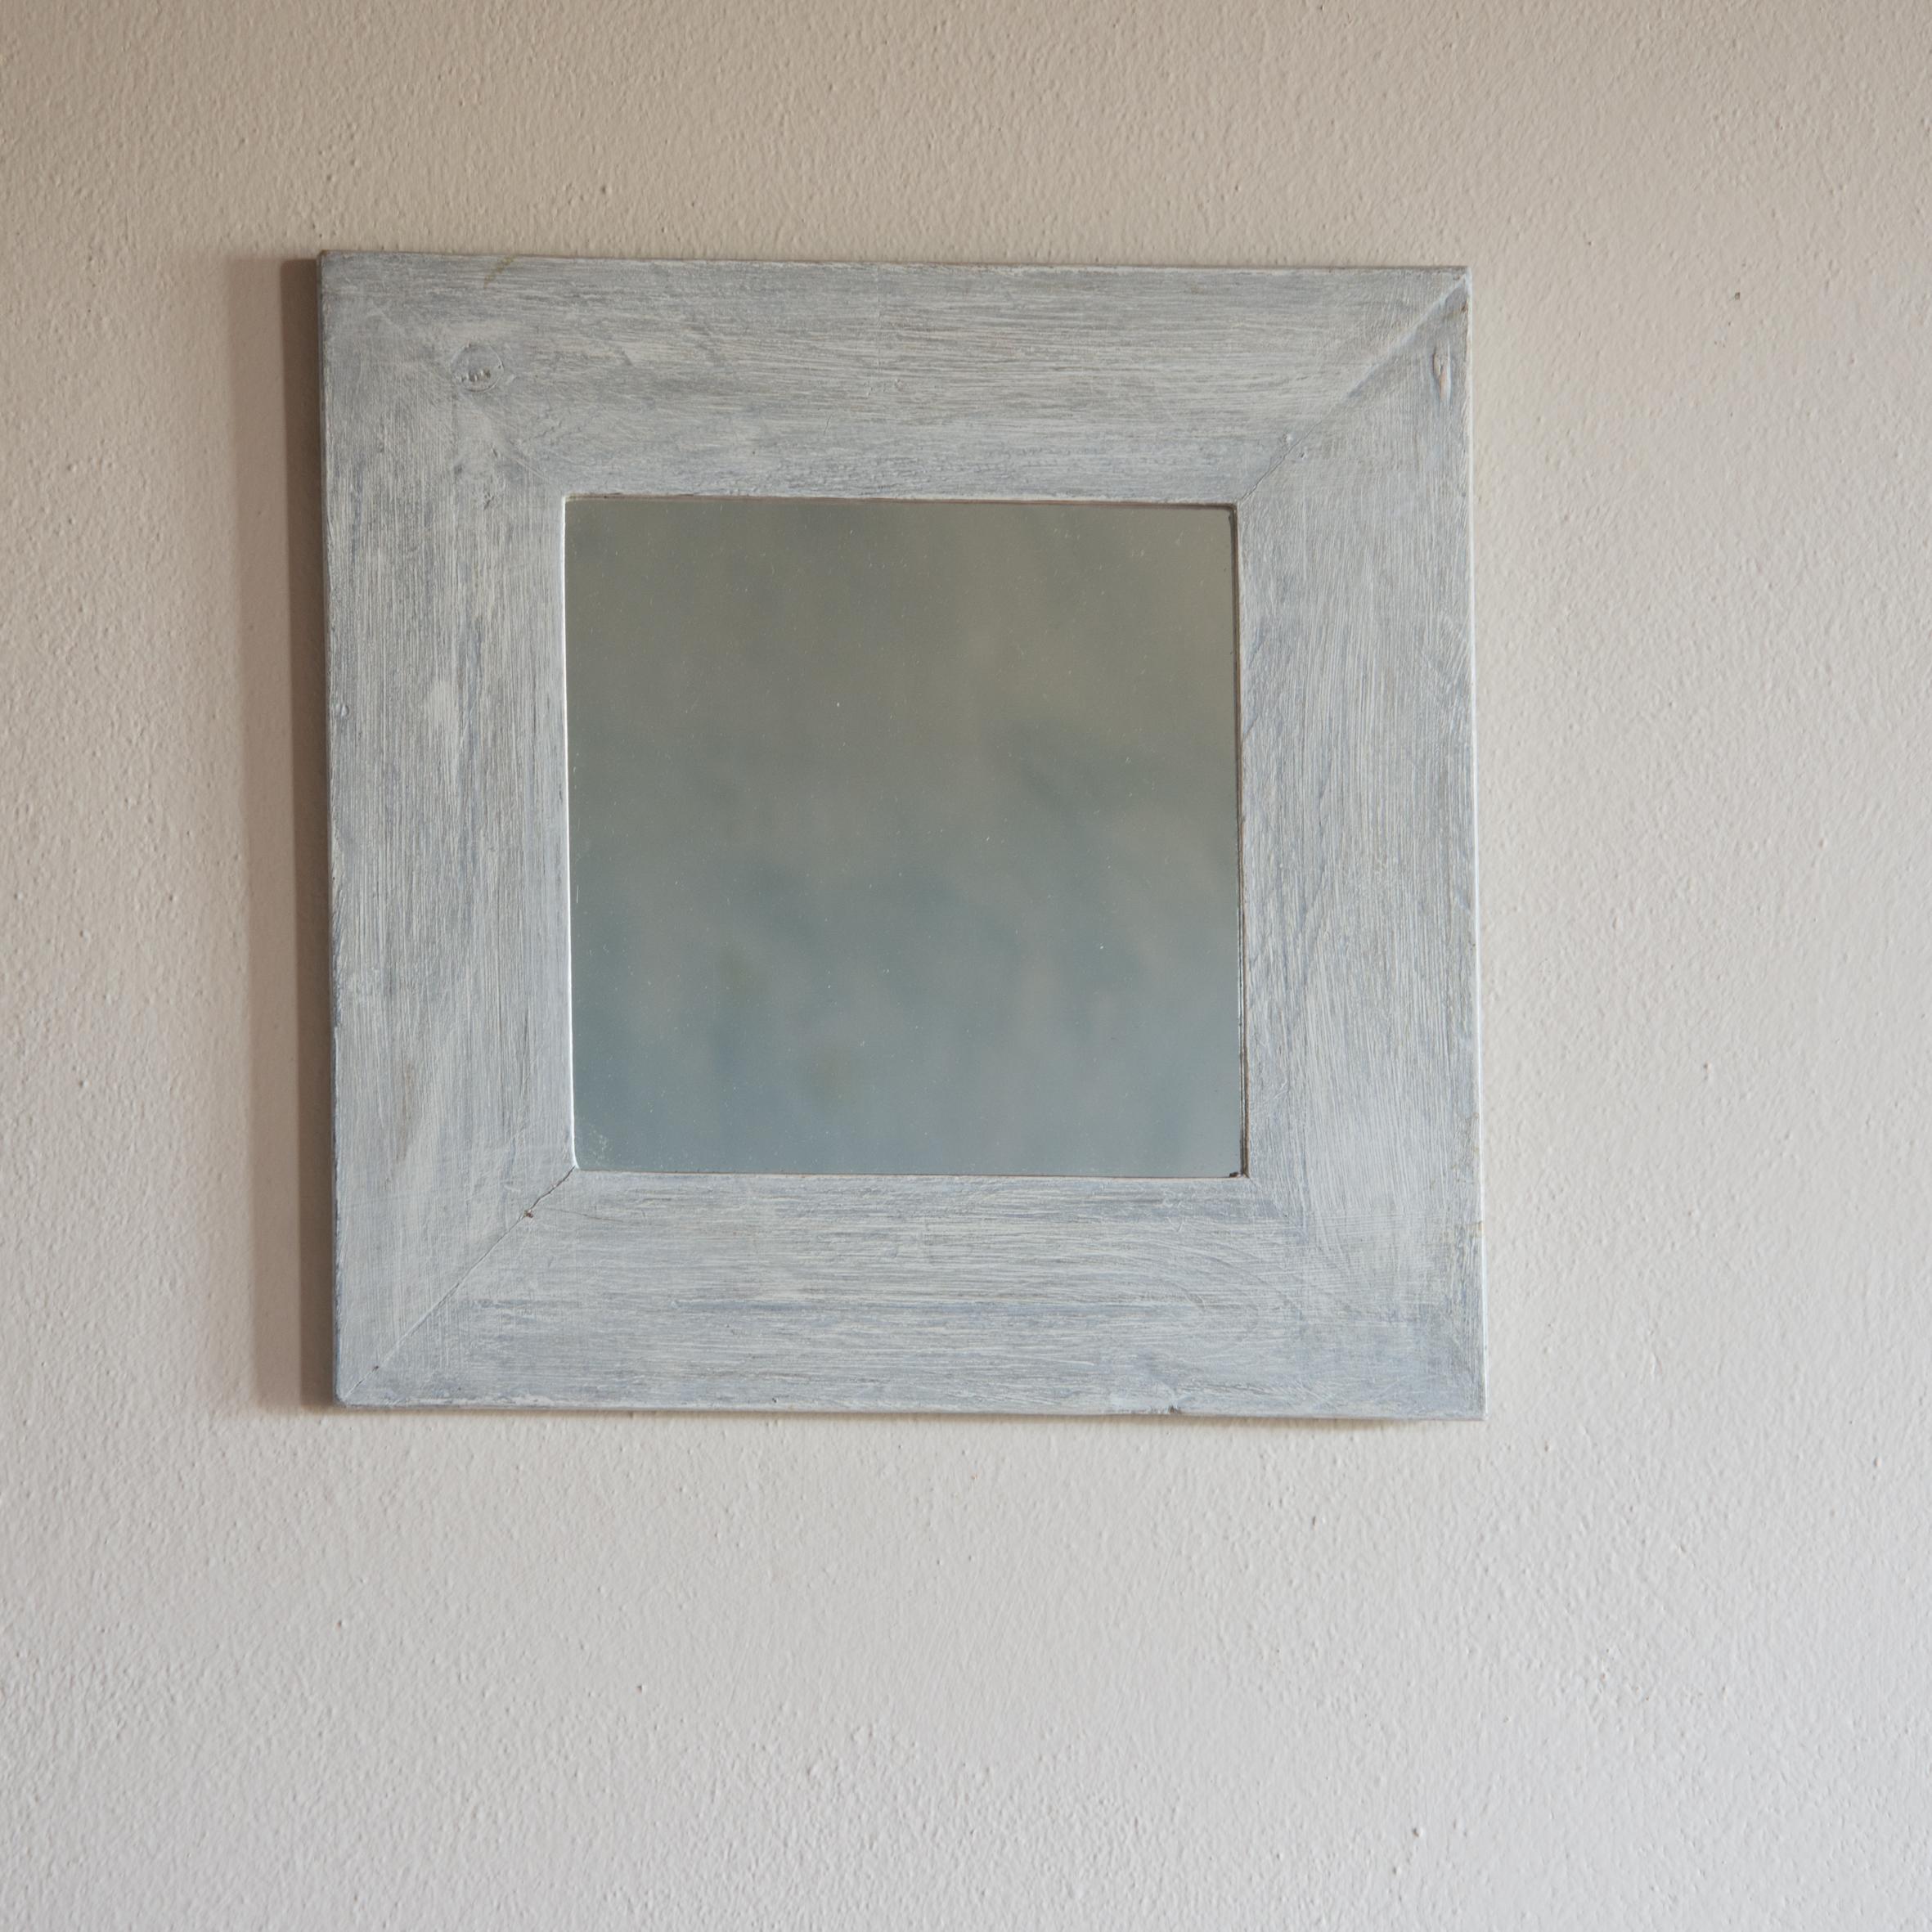 Specchio no. 06 in legno di recupero in bianco/grigio